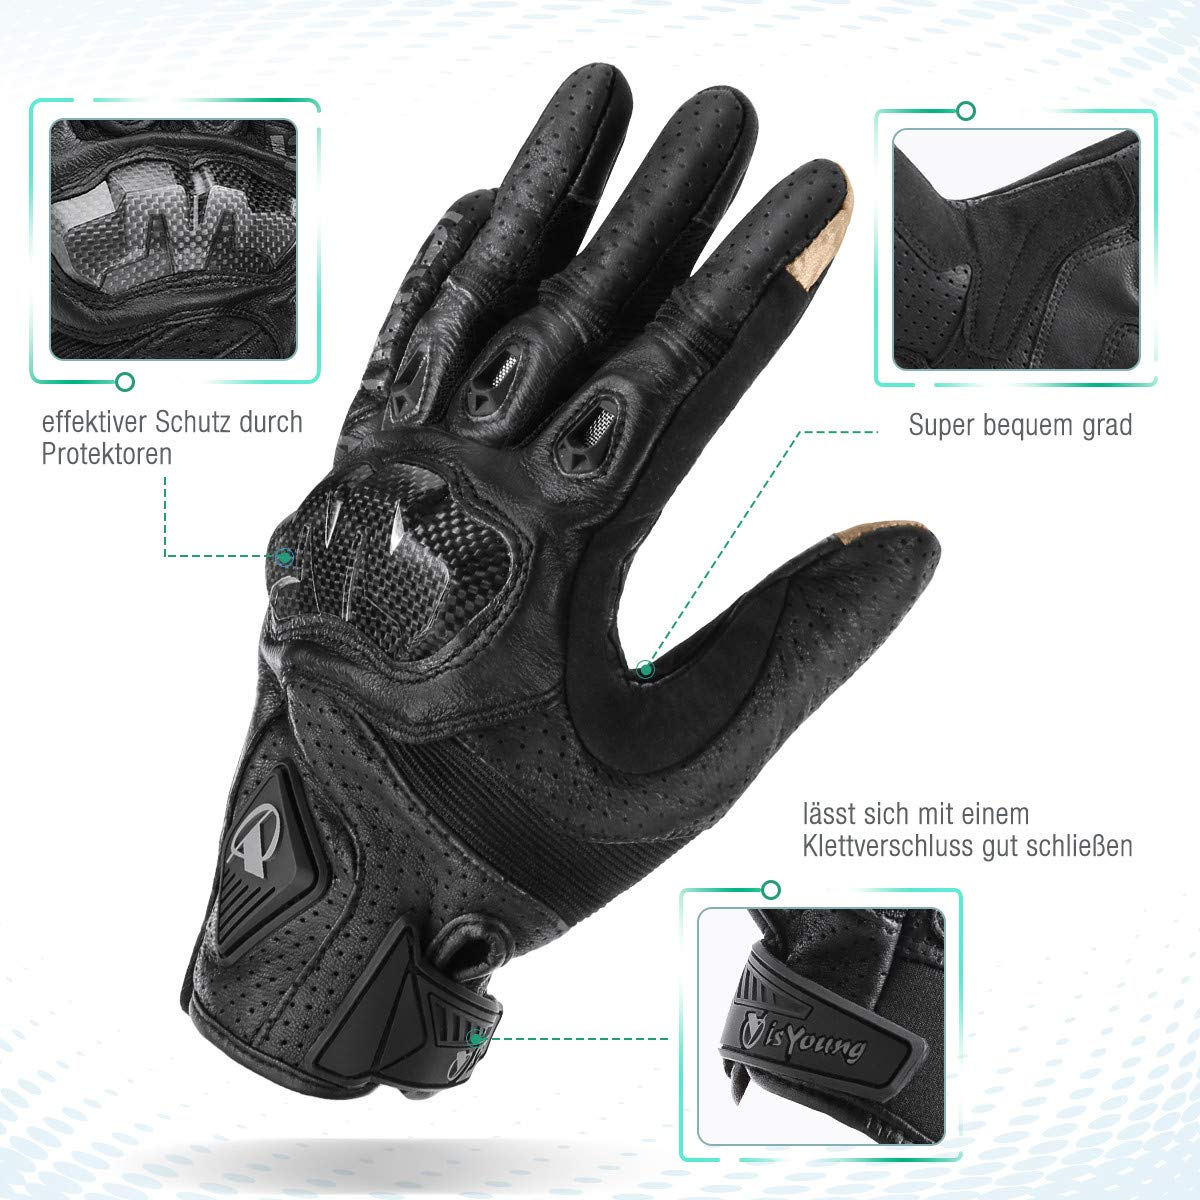 isYoung Touchscreen Fahrradhandschuhe geeiget f/ür Radsport MTB Road Race Motorrad Wandern und andere Sports Unisex Herren Damen